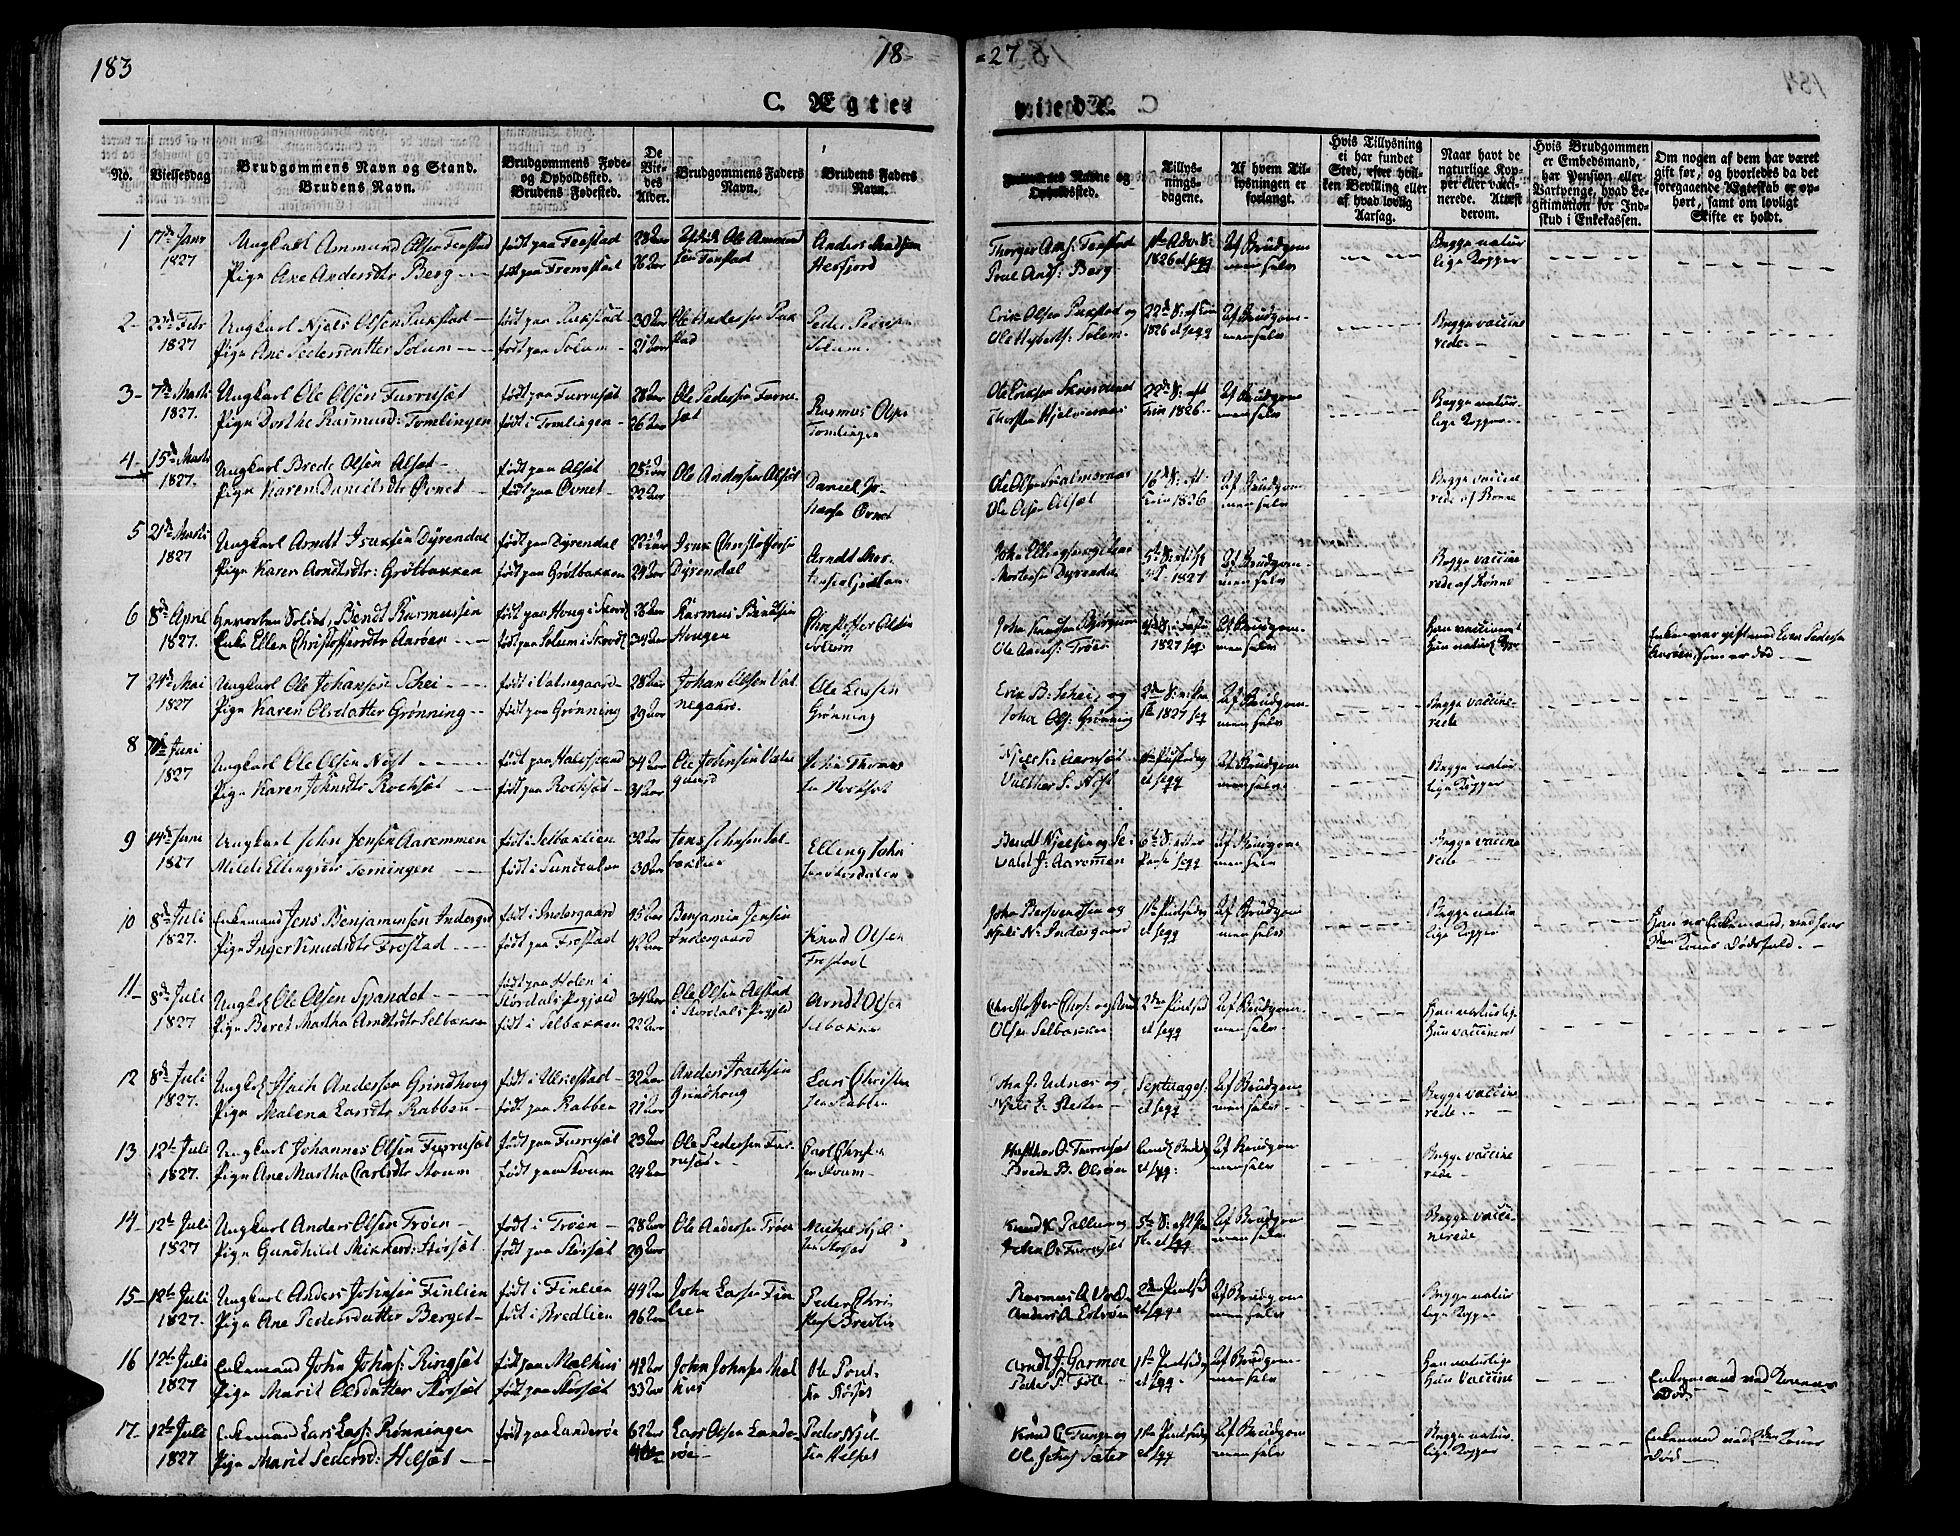 SAT, Ministerialprotokoller, klokkerbøker og fødselsregistre - Sør-Trøndelag, 646/L0609: Ministerialbok nr. 646A07, 1826-1838, s. 183